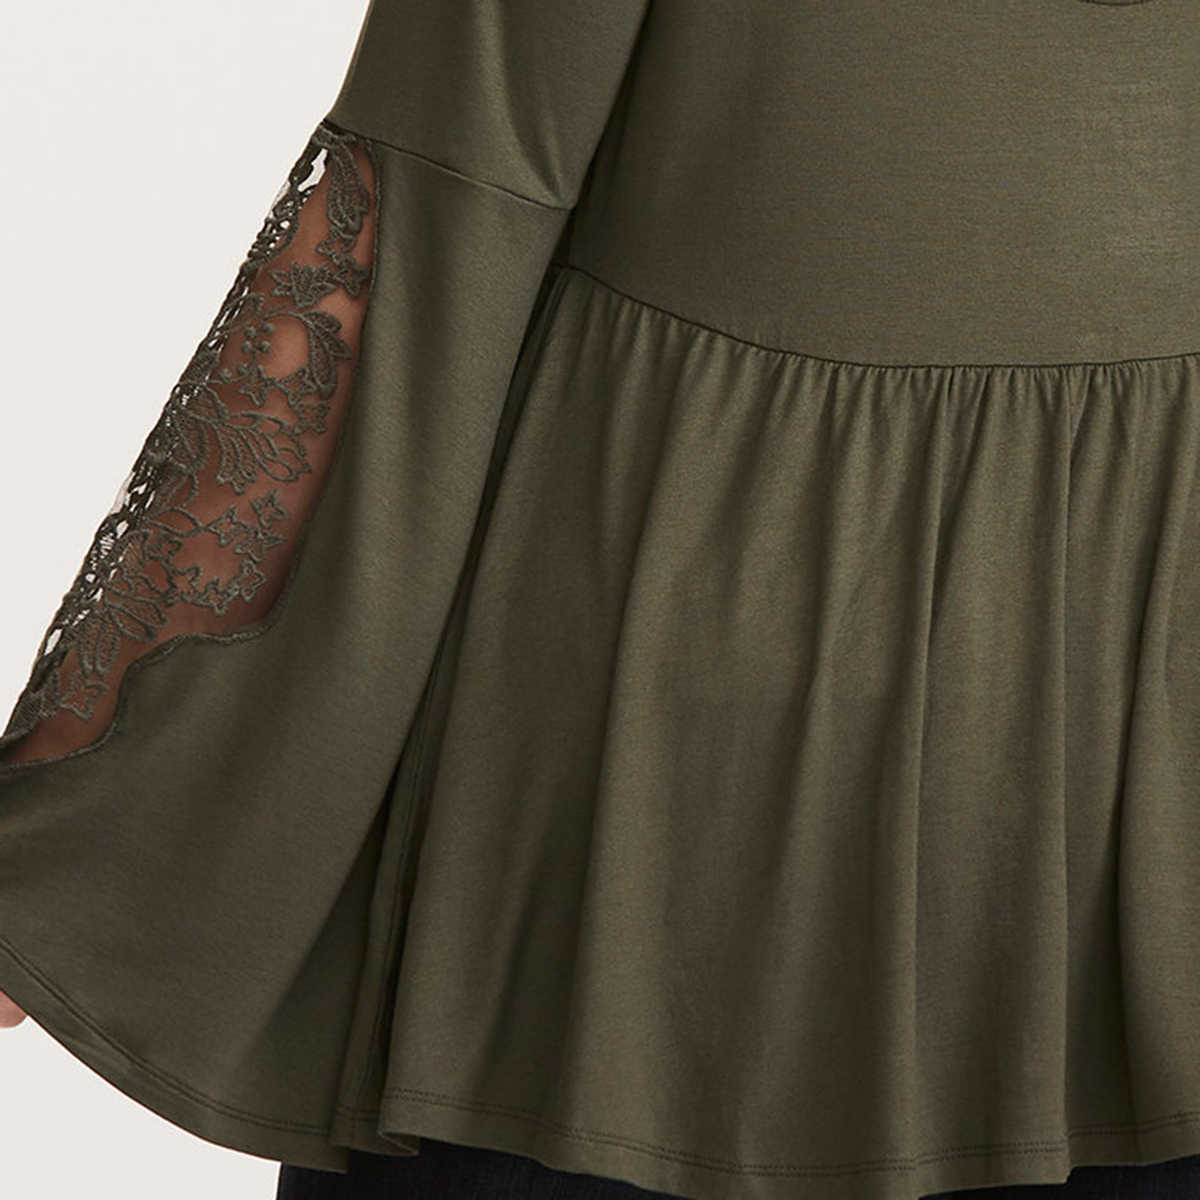 167d3d6fe40 ... kissmilk Plus Size Patchwork Lace Women shirts Hollow Out Long Sleeve  T-shirts Lace Up ...